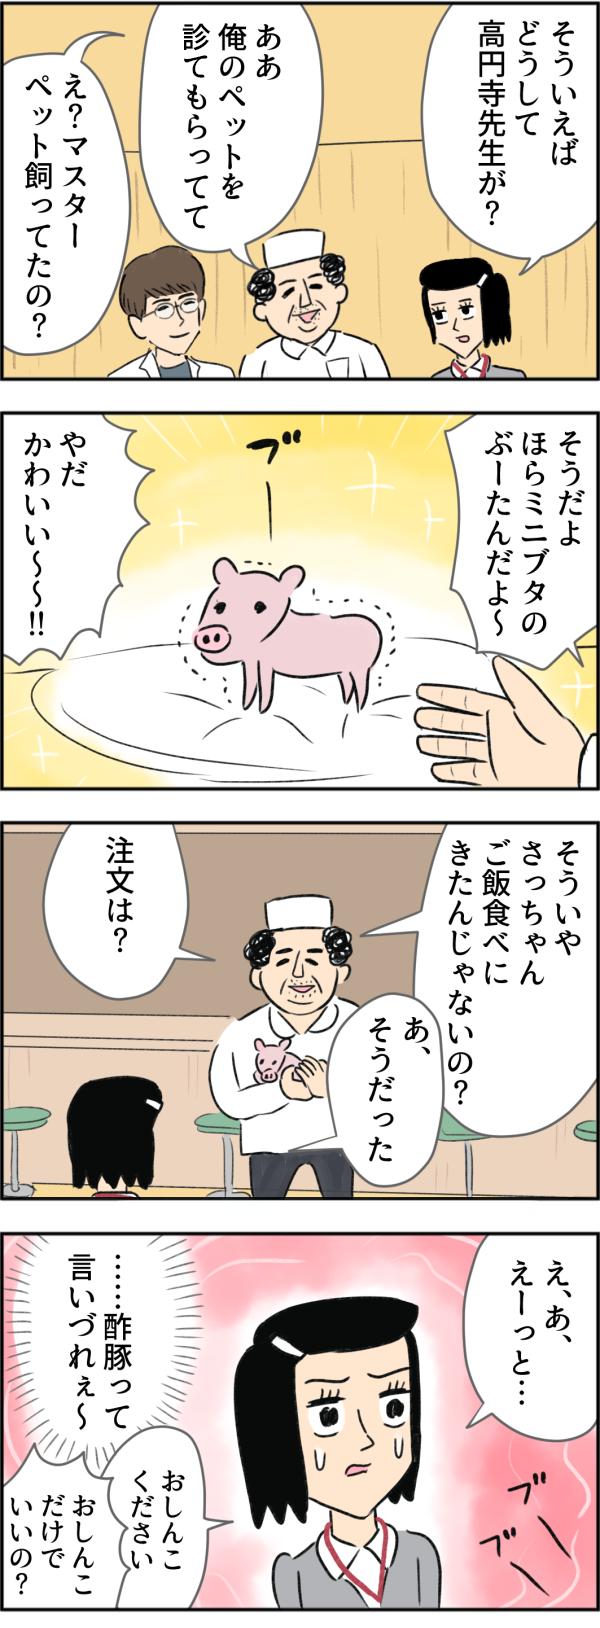 さちこは話題をかえようと、「どうしてここに高円寺先生が?」と尋ねると、マスターは「俺のペットを診てもらってて」と言いながら、さちこに飼っているミニブタのぶーたんを紹介してくれました。マスターはぶーちゃんを抱きかかえながら、「そういやさっちゃんご飯食べに来たんじゃないの?注文は?」と言いました。さちこは、かわいいミニブタを前に、『注文は、酢豚だって言いづれぇ~』と、躊躇した結果、「おしんこください」と言ってしまうのでした。